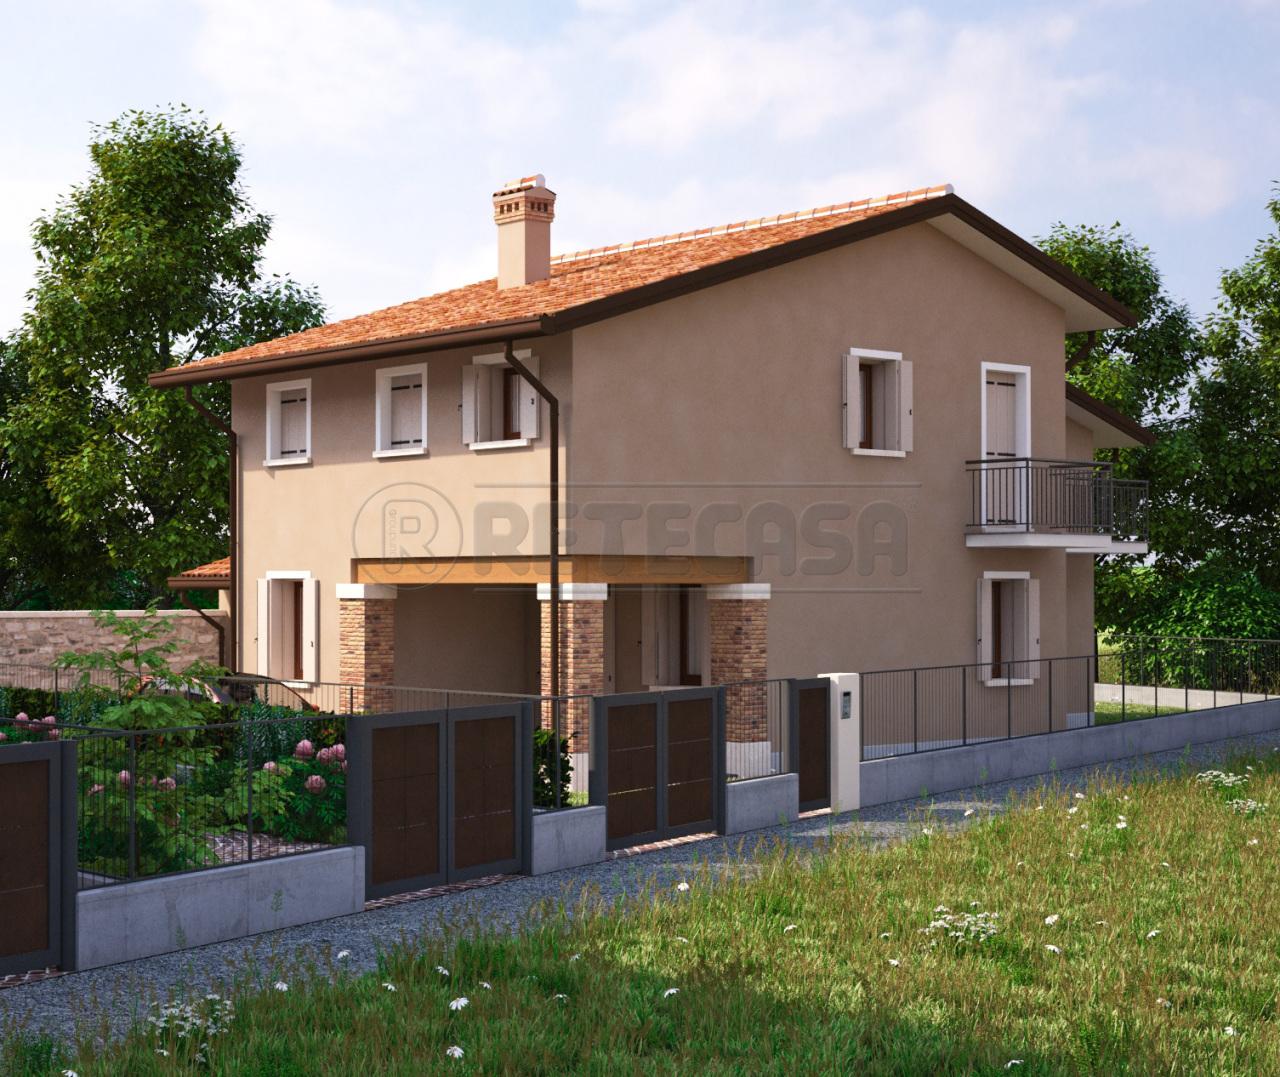 Soluzione Indipendente in vendita a Carmignano di Brenta, 9999 locali, prezzo € 260.000 | Cambio Casa.it